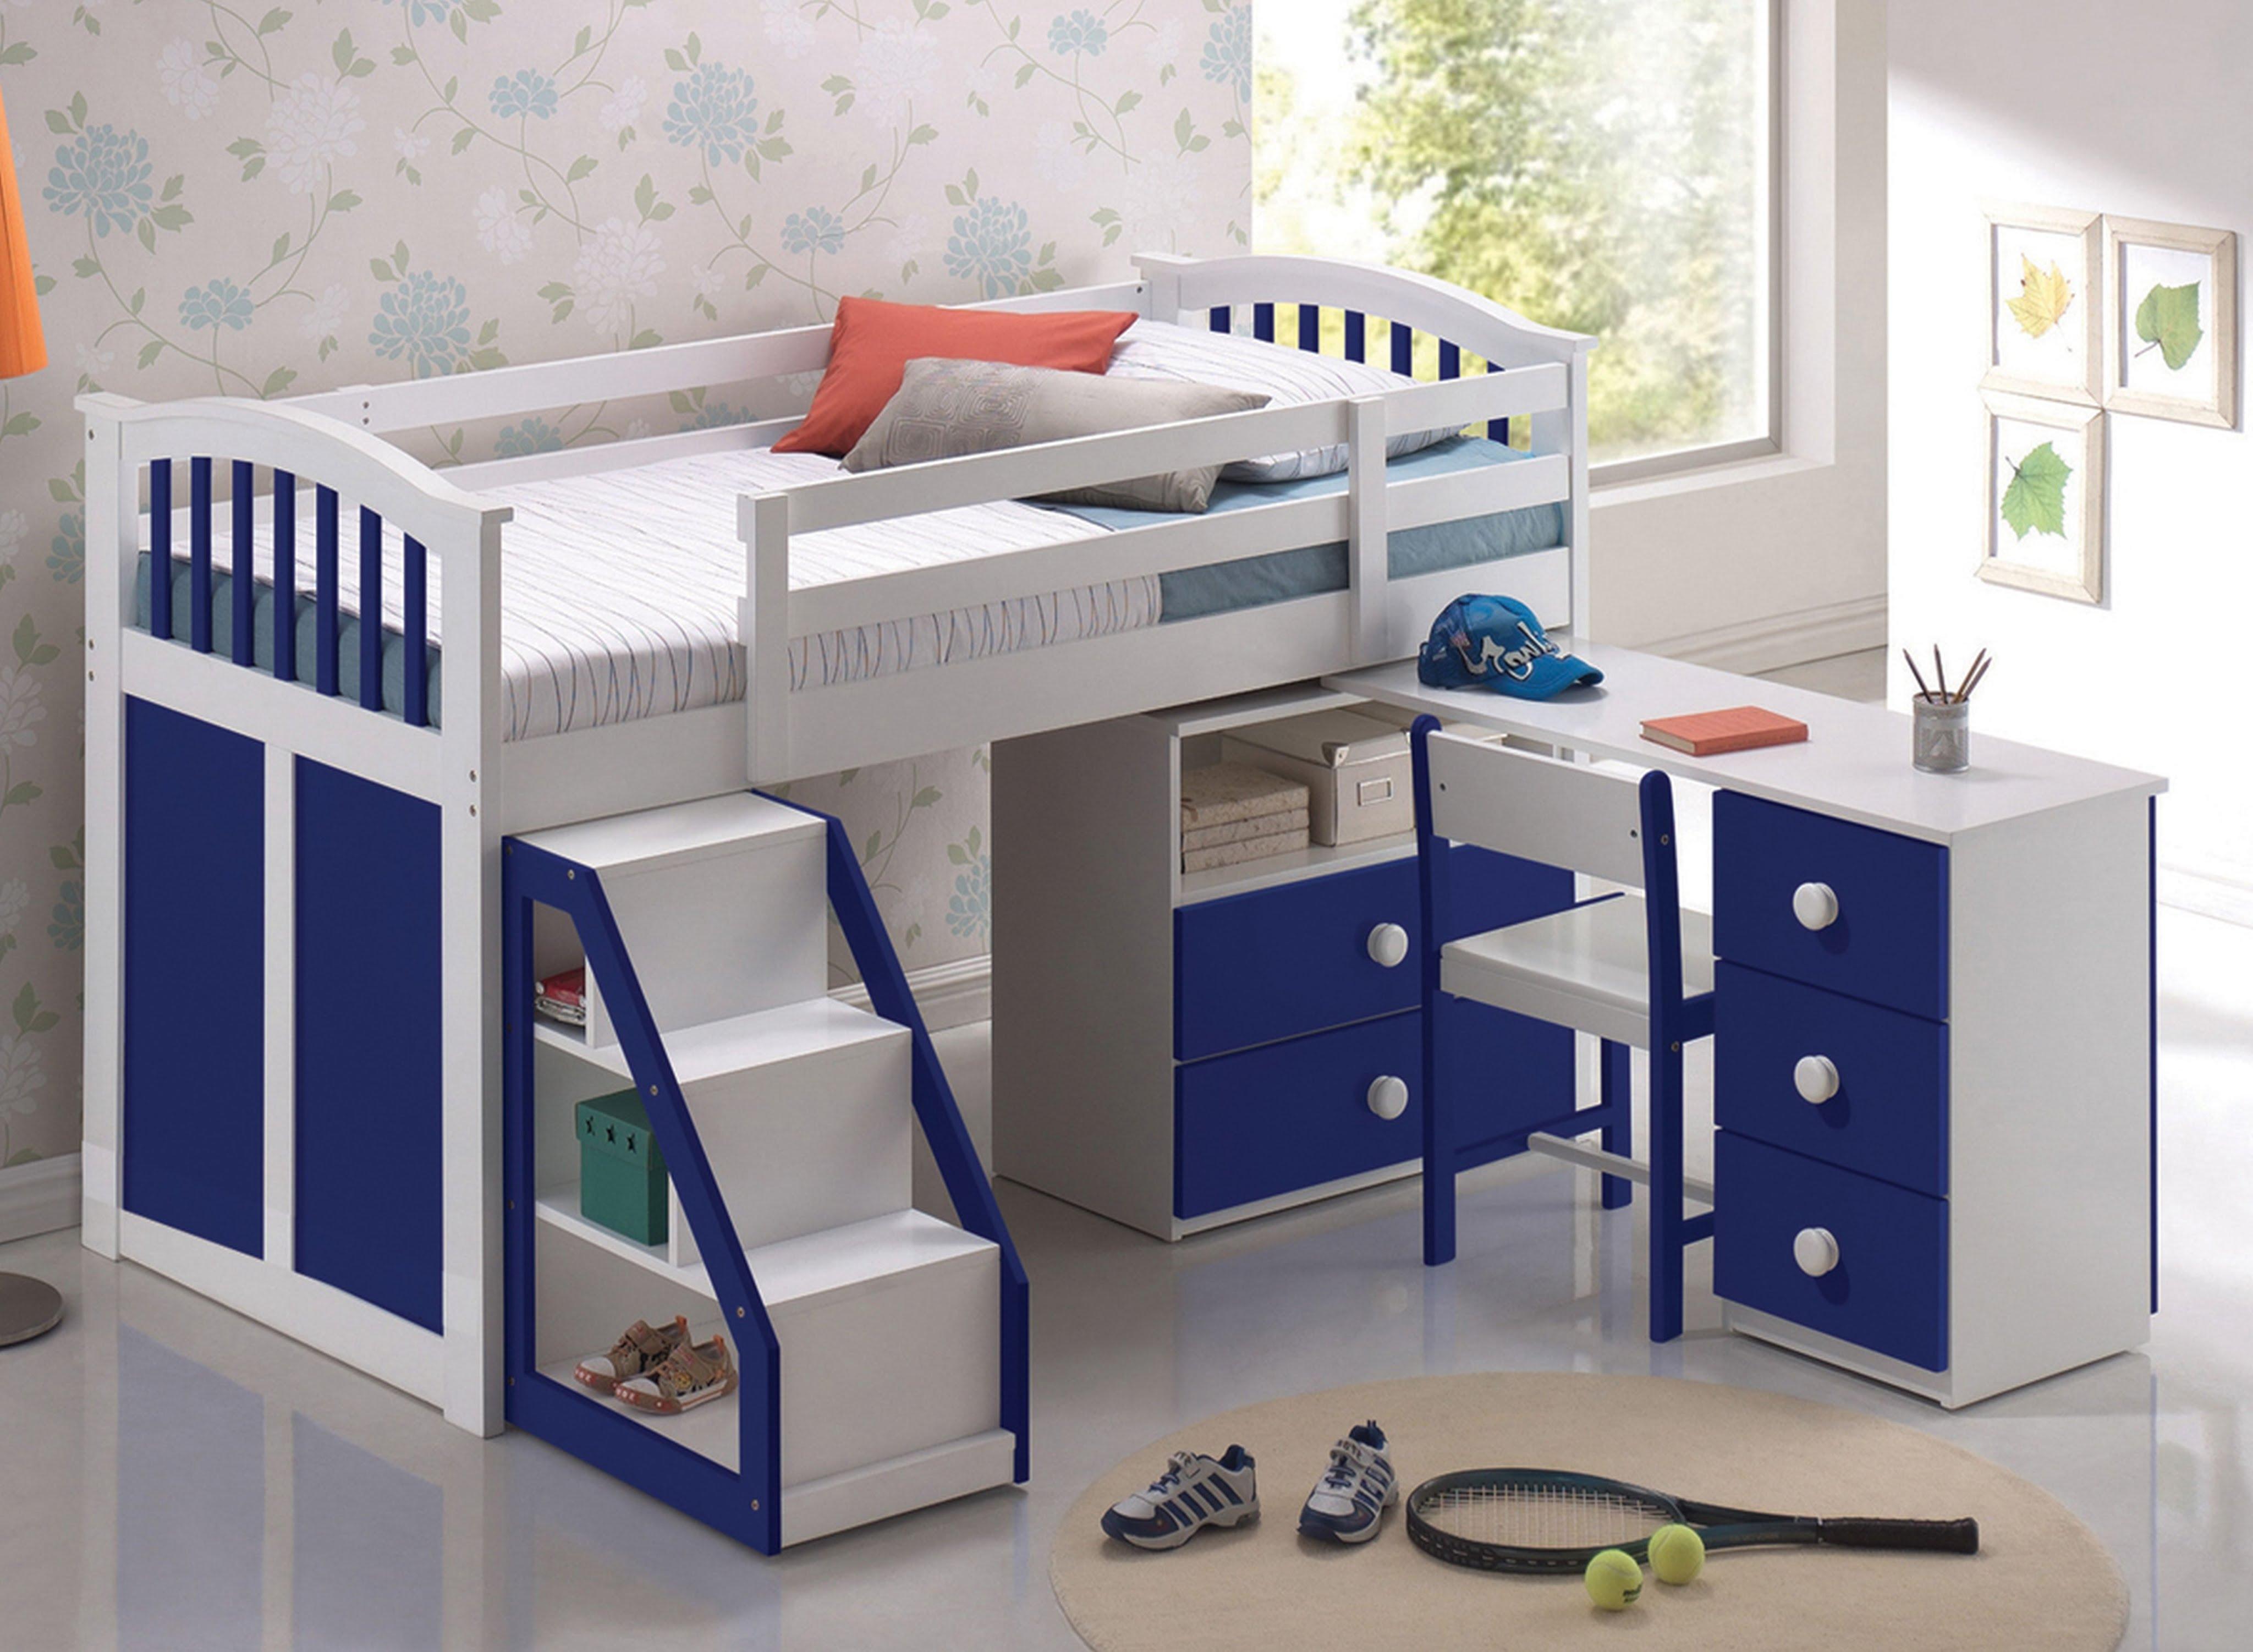 beds for kids cool diy bed for kids ideas - youtube MOTRVGF